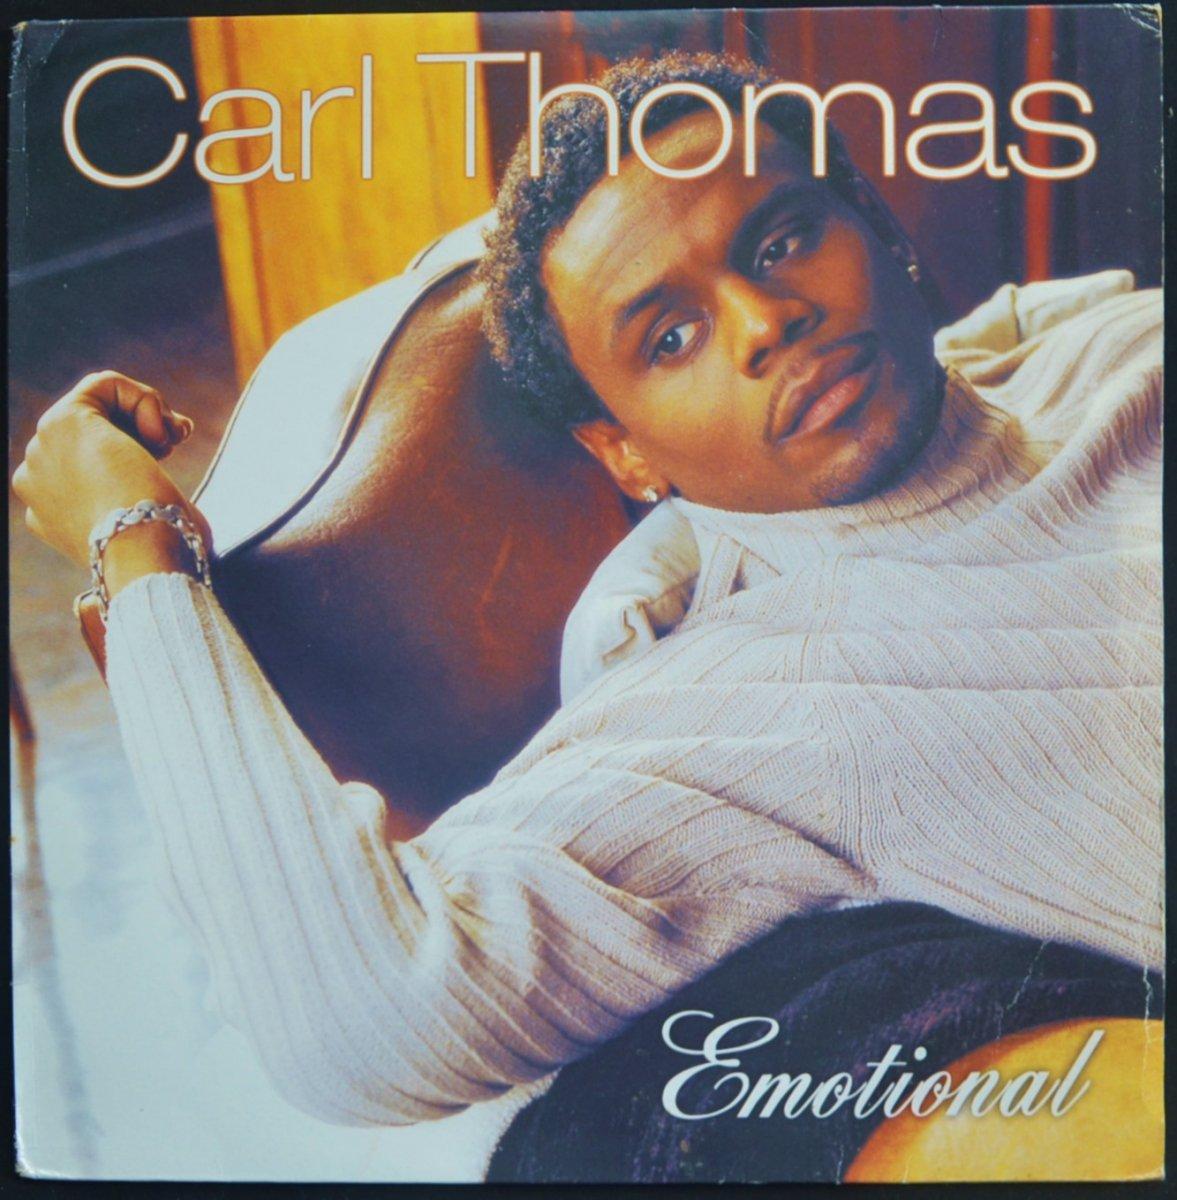 CARL THOMAS / EMOTIONAL (2LP)